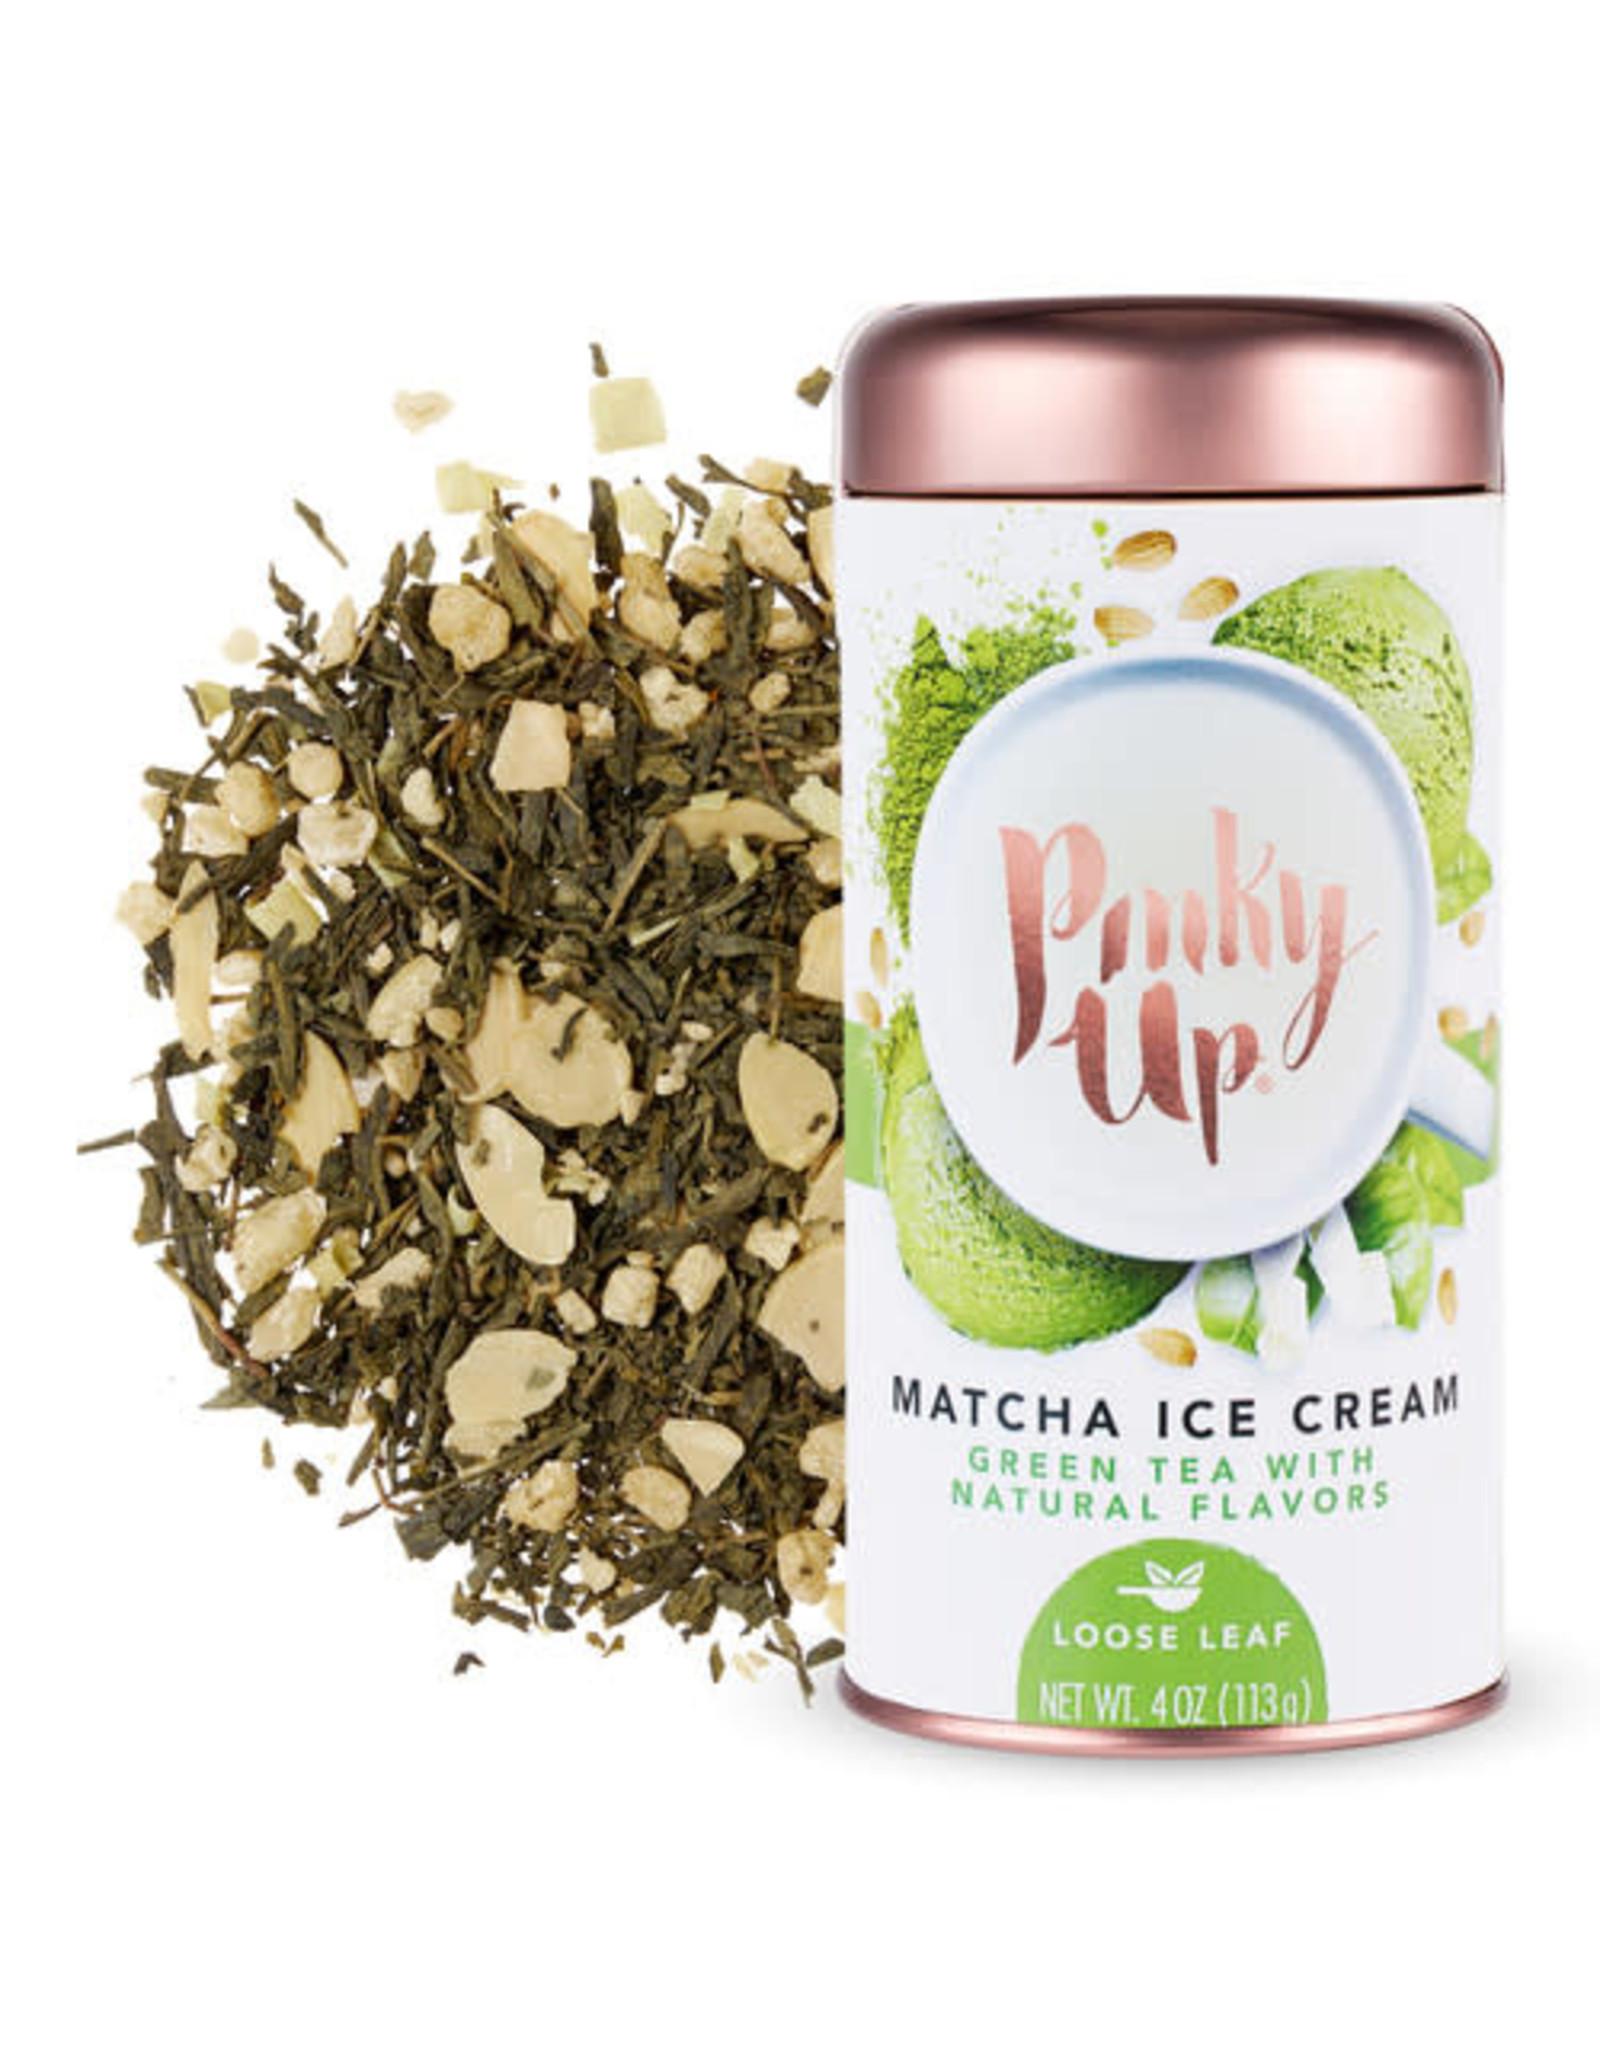 Pinky Up Matcha Ice Cream Loose Leaf Tea